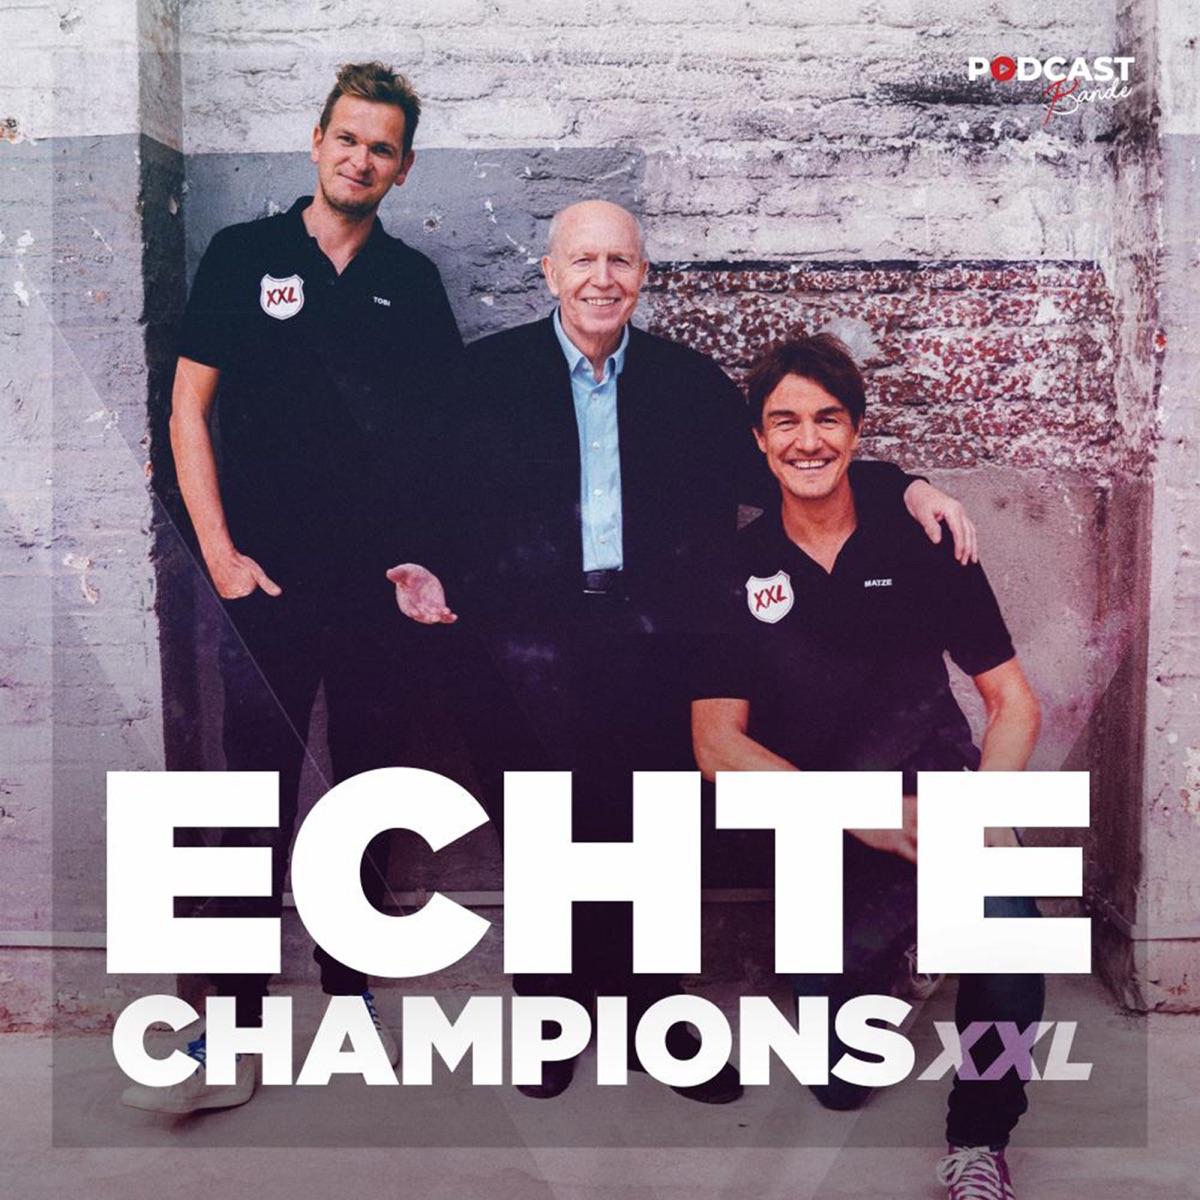 Echte Champions XXL